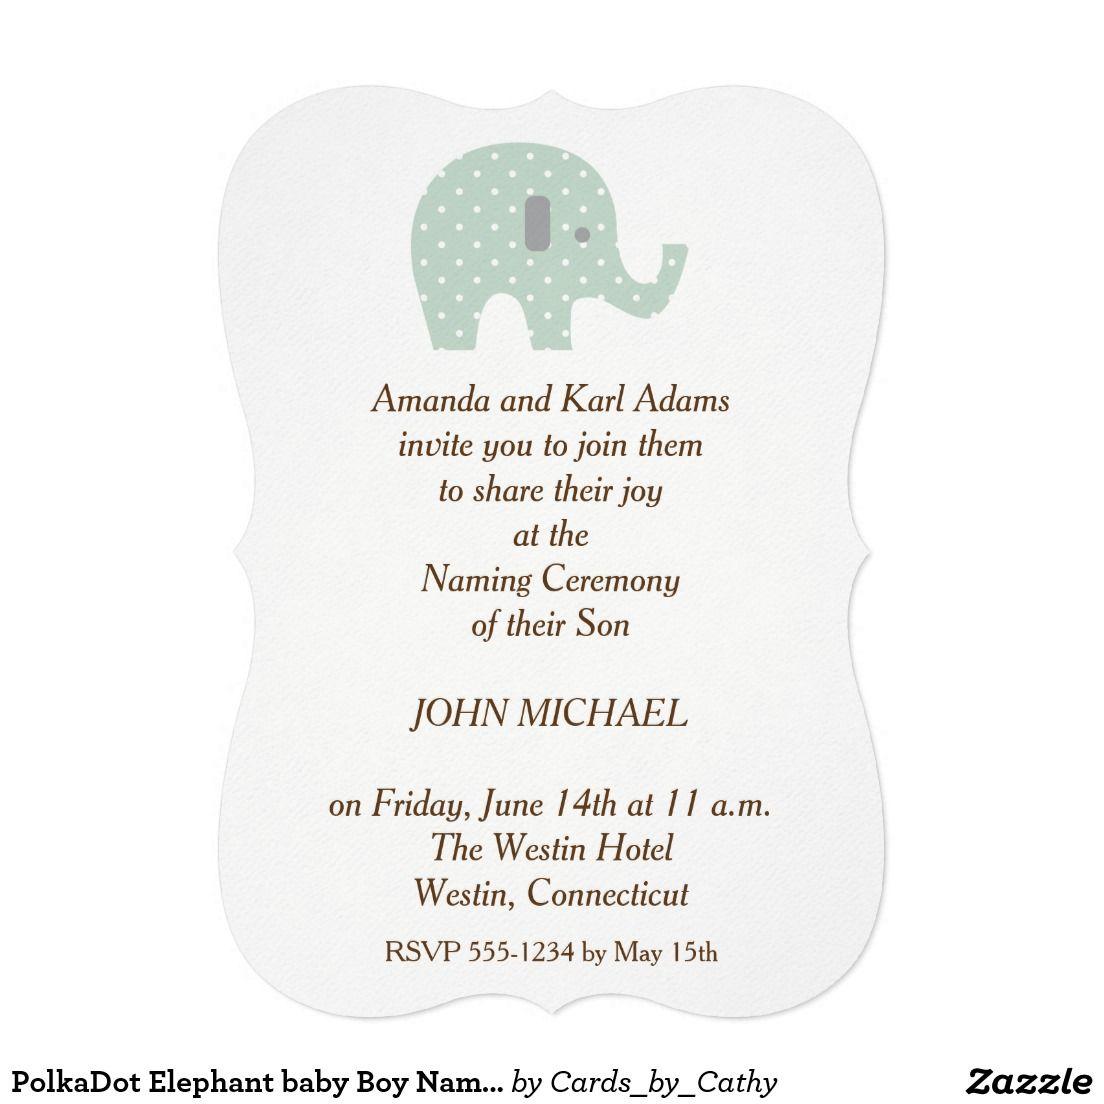 PolkaDot Elephant baby Boy Naming Ceremony Invite   Elephant baby ...